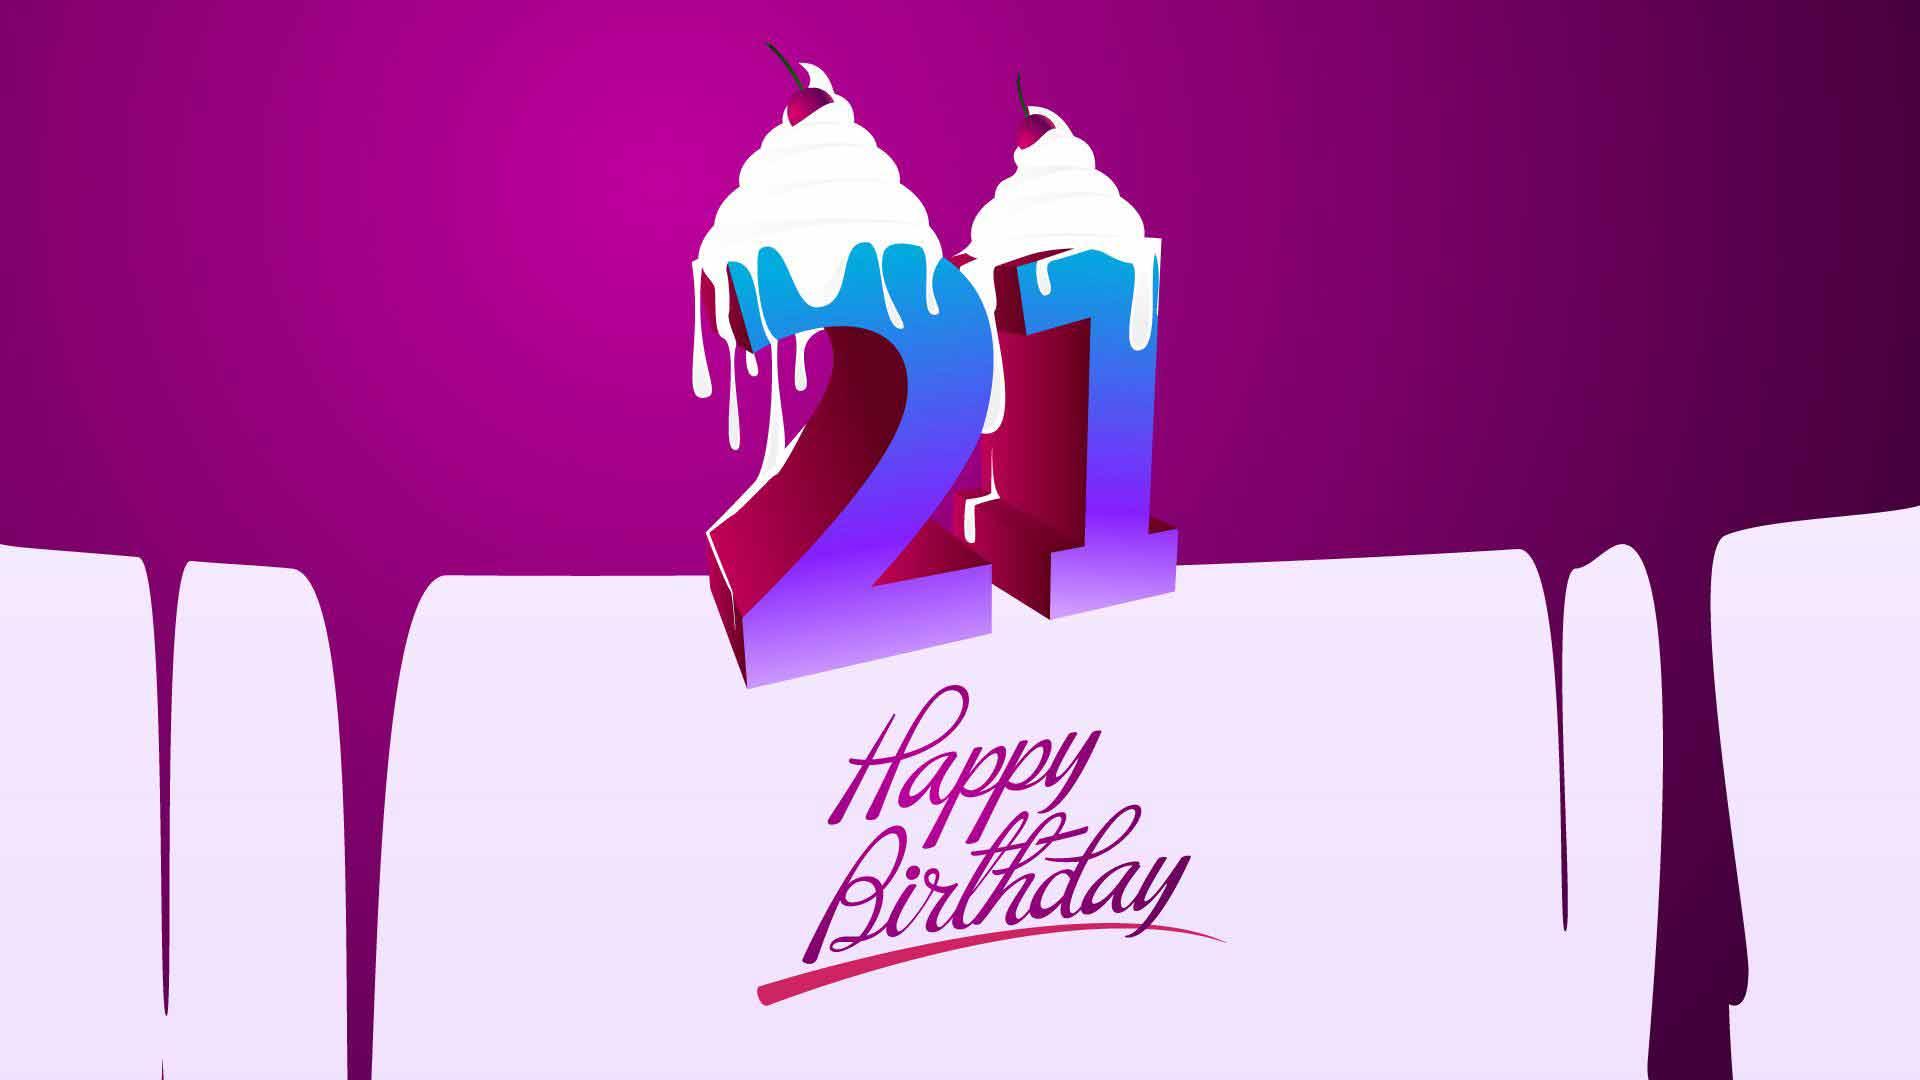 Поздравление с днём рождения 21 год парню